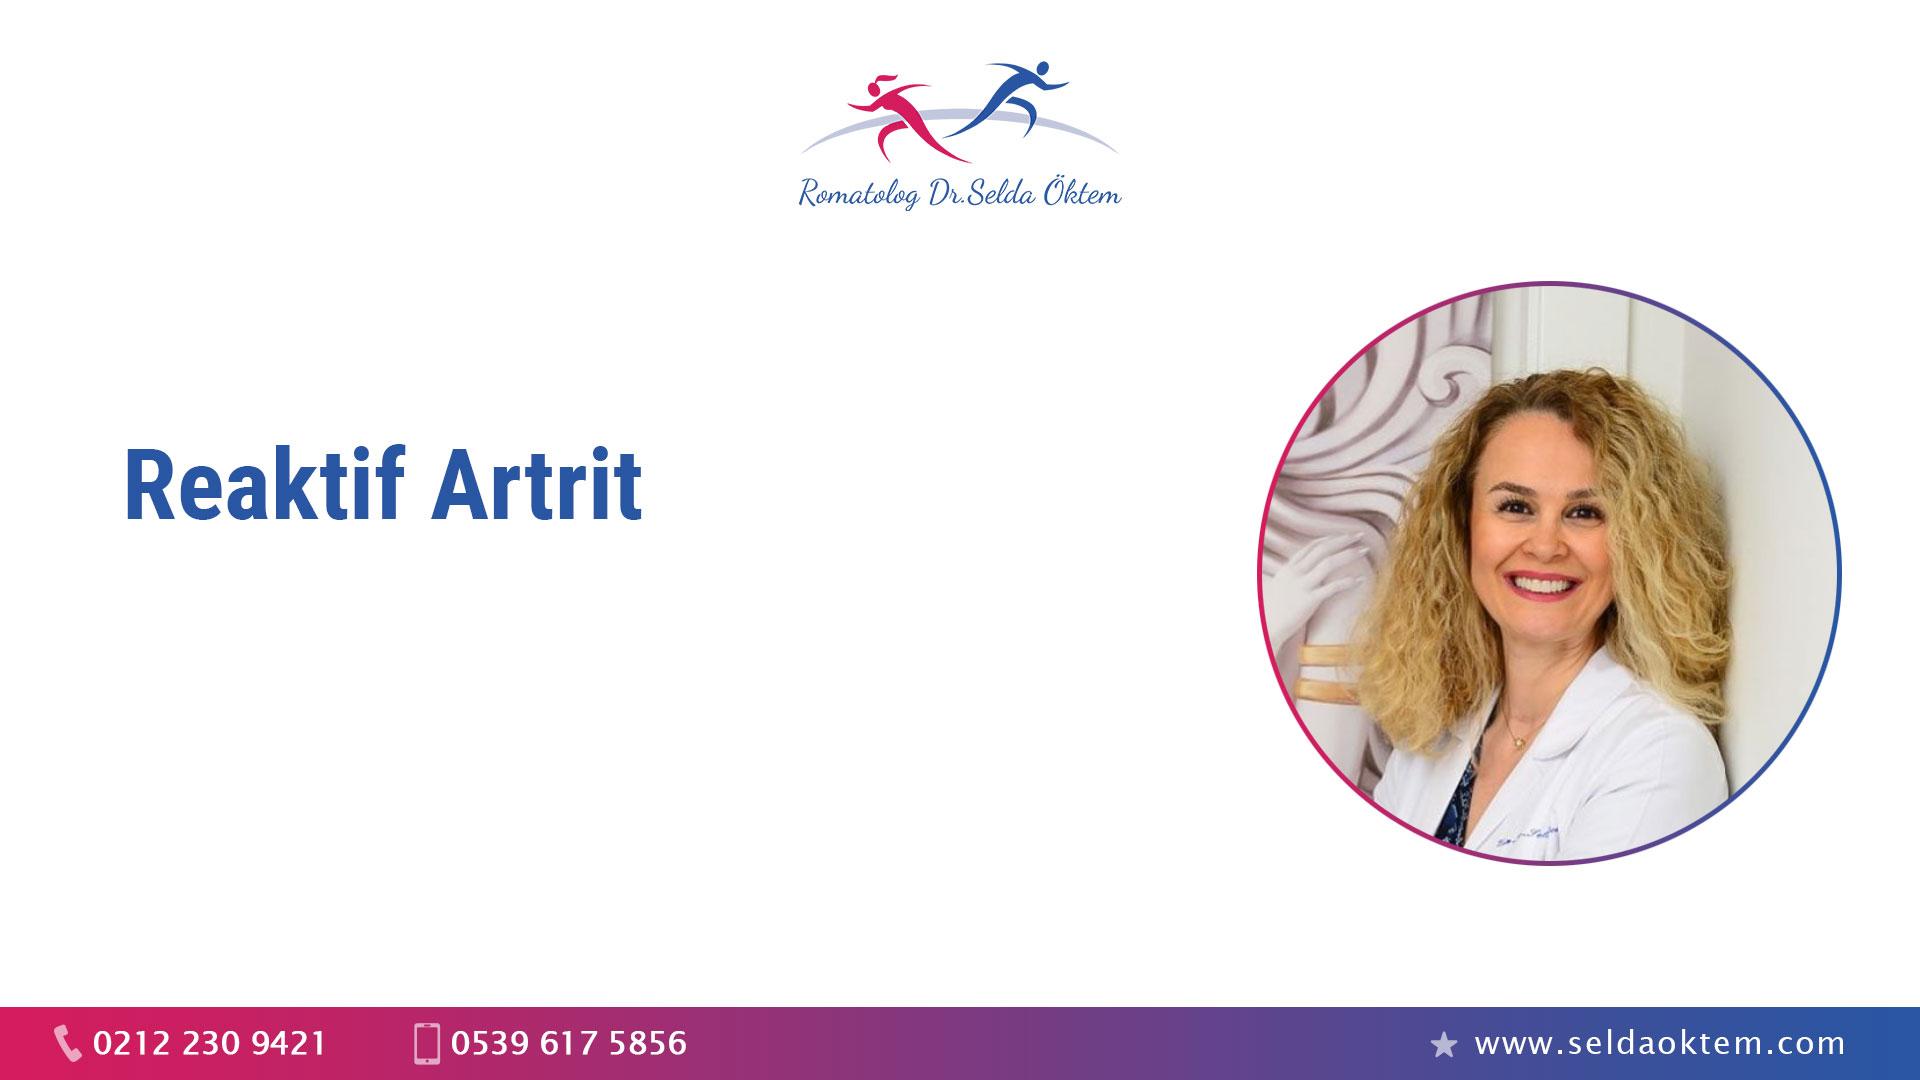 Reaktif Artrit